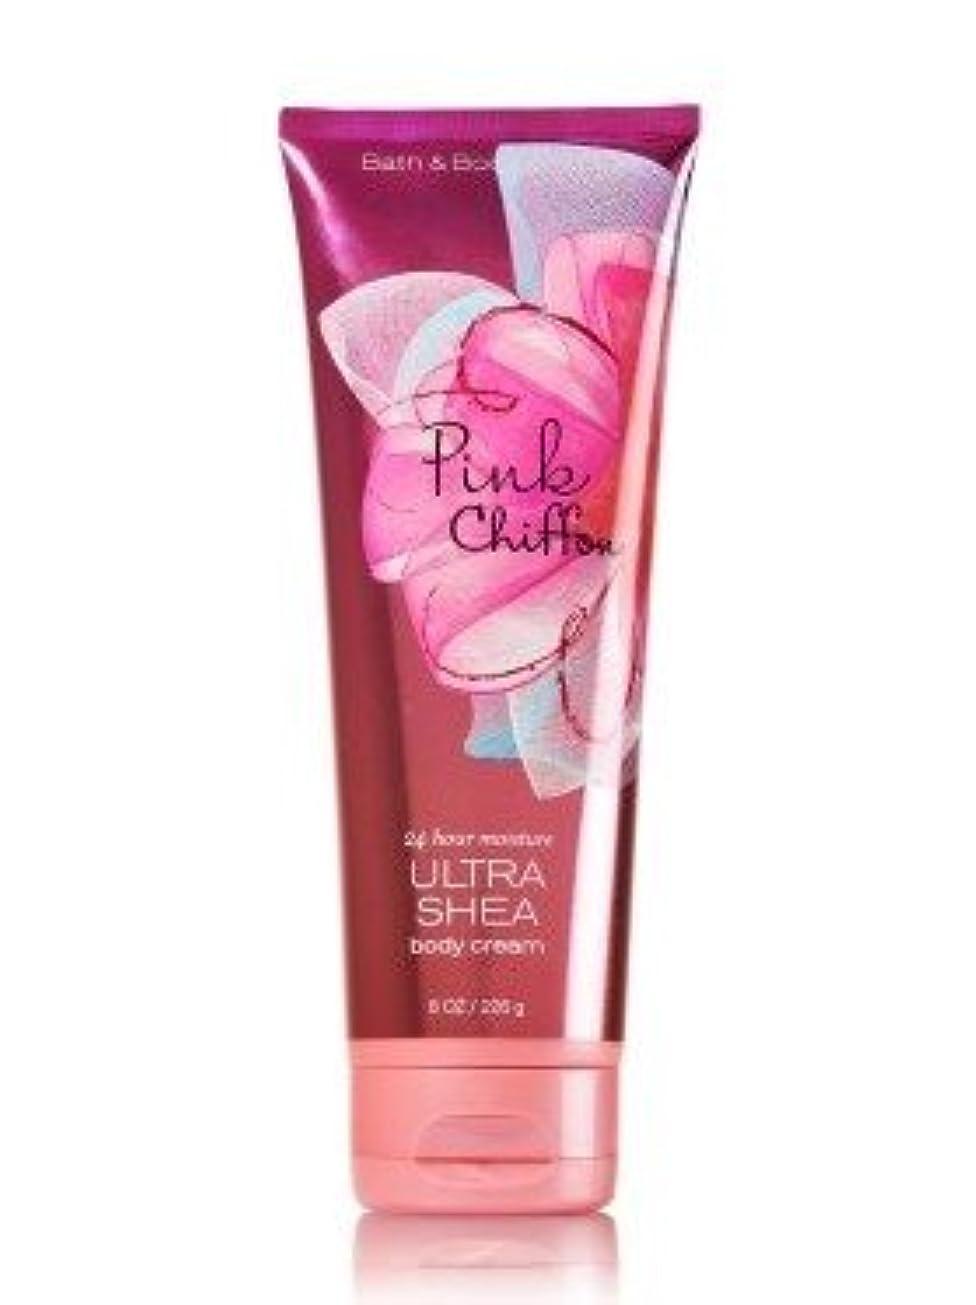 ネット戦術雪【Bath&Body Works/バス&ボディワークス】 ボディクリーム ピンクシフォン Ultra Shea Body Cream Pink Chiffon 8 oz / 226 g [並行輸入品]